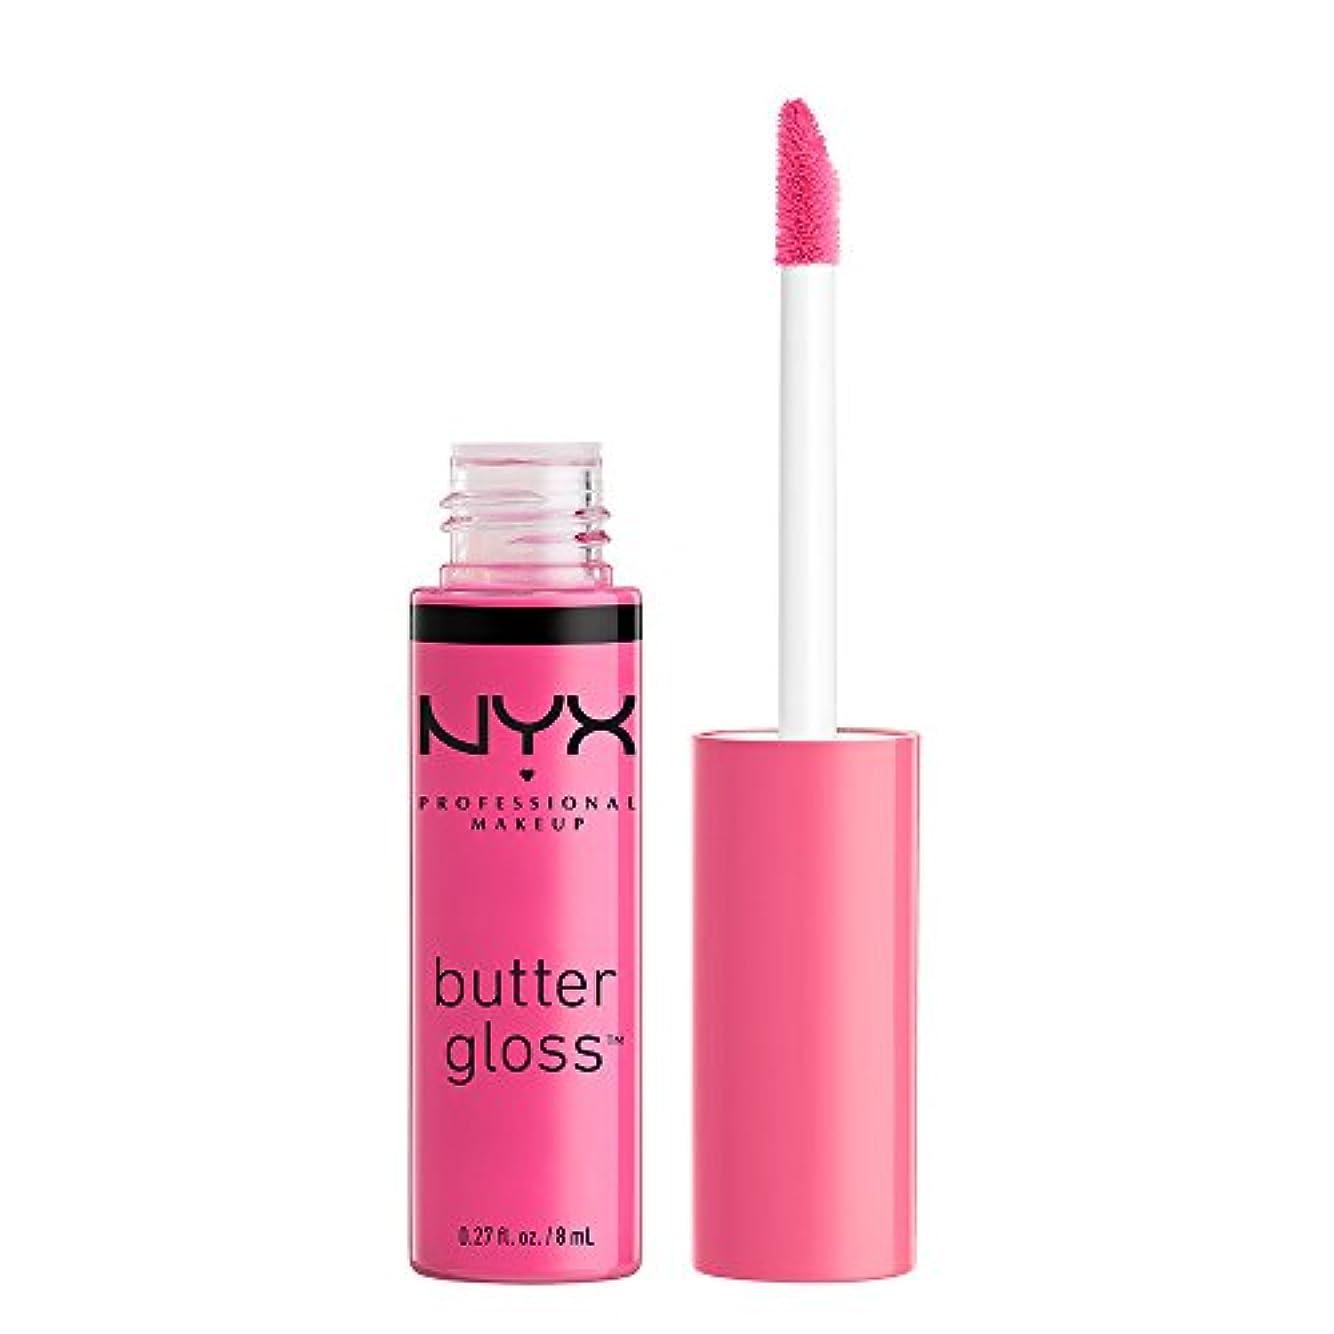 キャッチステッチ関係するNYX(ニックス) バター グロス 01 カラーストロベリー パフェ